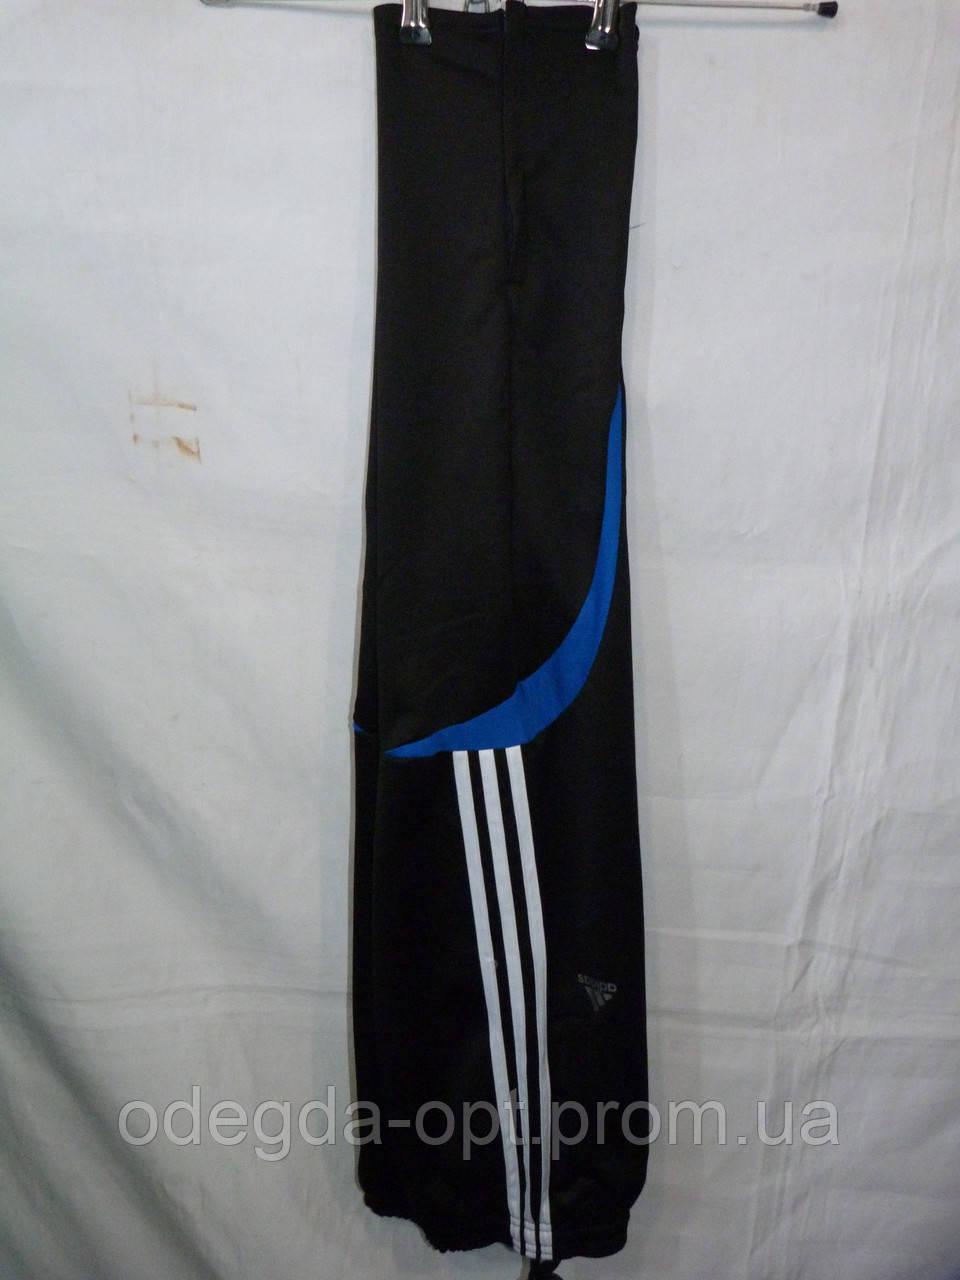 Спортивные штаны ПОДРОСТОК Adidas Ластик 38-44 оптом купить Одесса 7  километр - Интернет- 4848c42ddb0fa